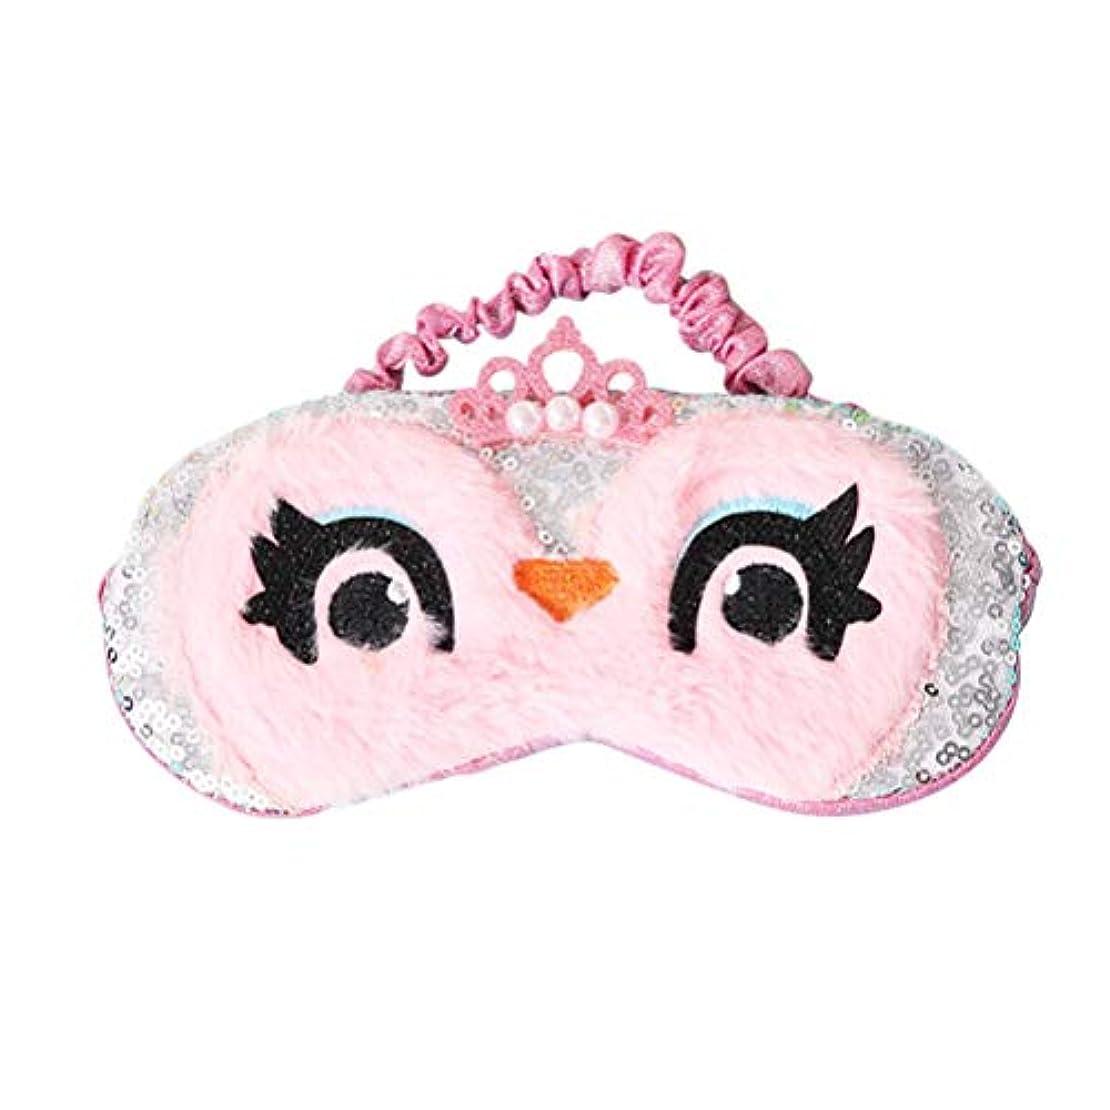 ワゴン経過パラメータHealifty アイマスクかわいいぬいぐるみ目隠しアイカバー用女性女の子子供ホームベッド旅行フライトカーキャンプ用(ピンク)